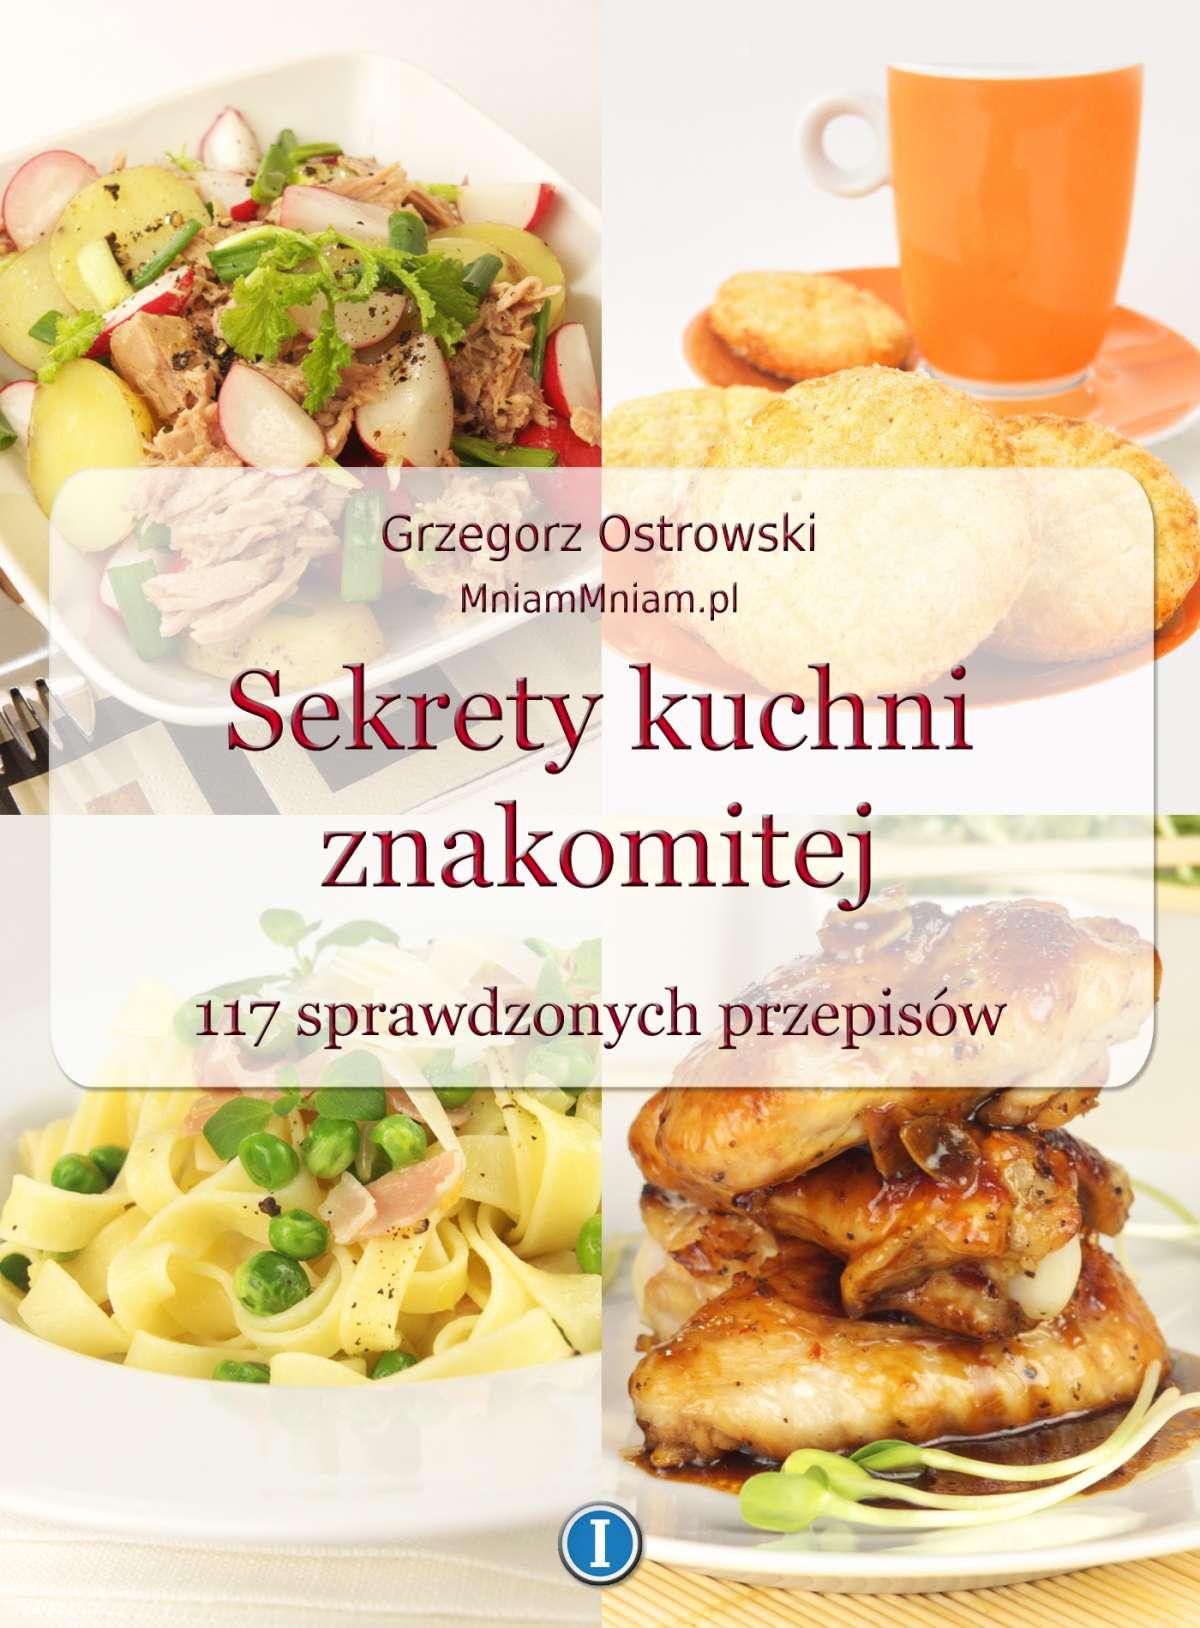 Sekrety kuchni znakomitej. 117 sprawdzonych przepisów - Ebook (Książka EPUB) do pobrania w formacie EPUB